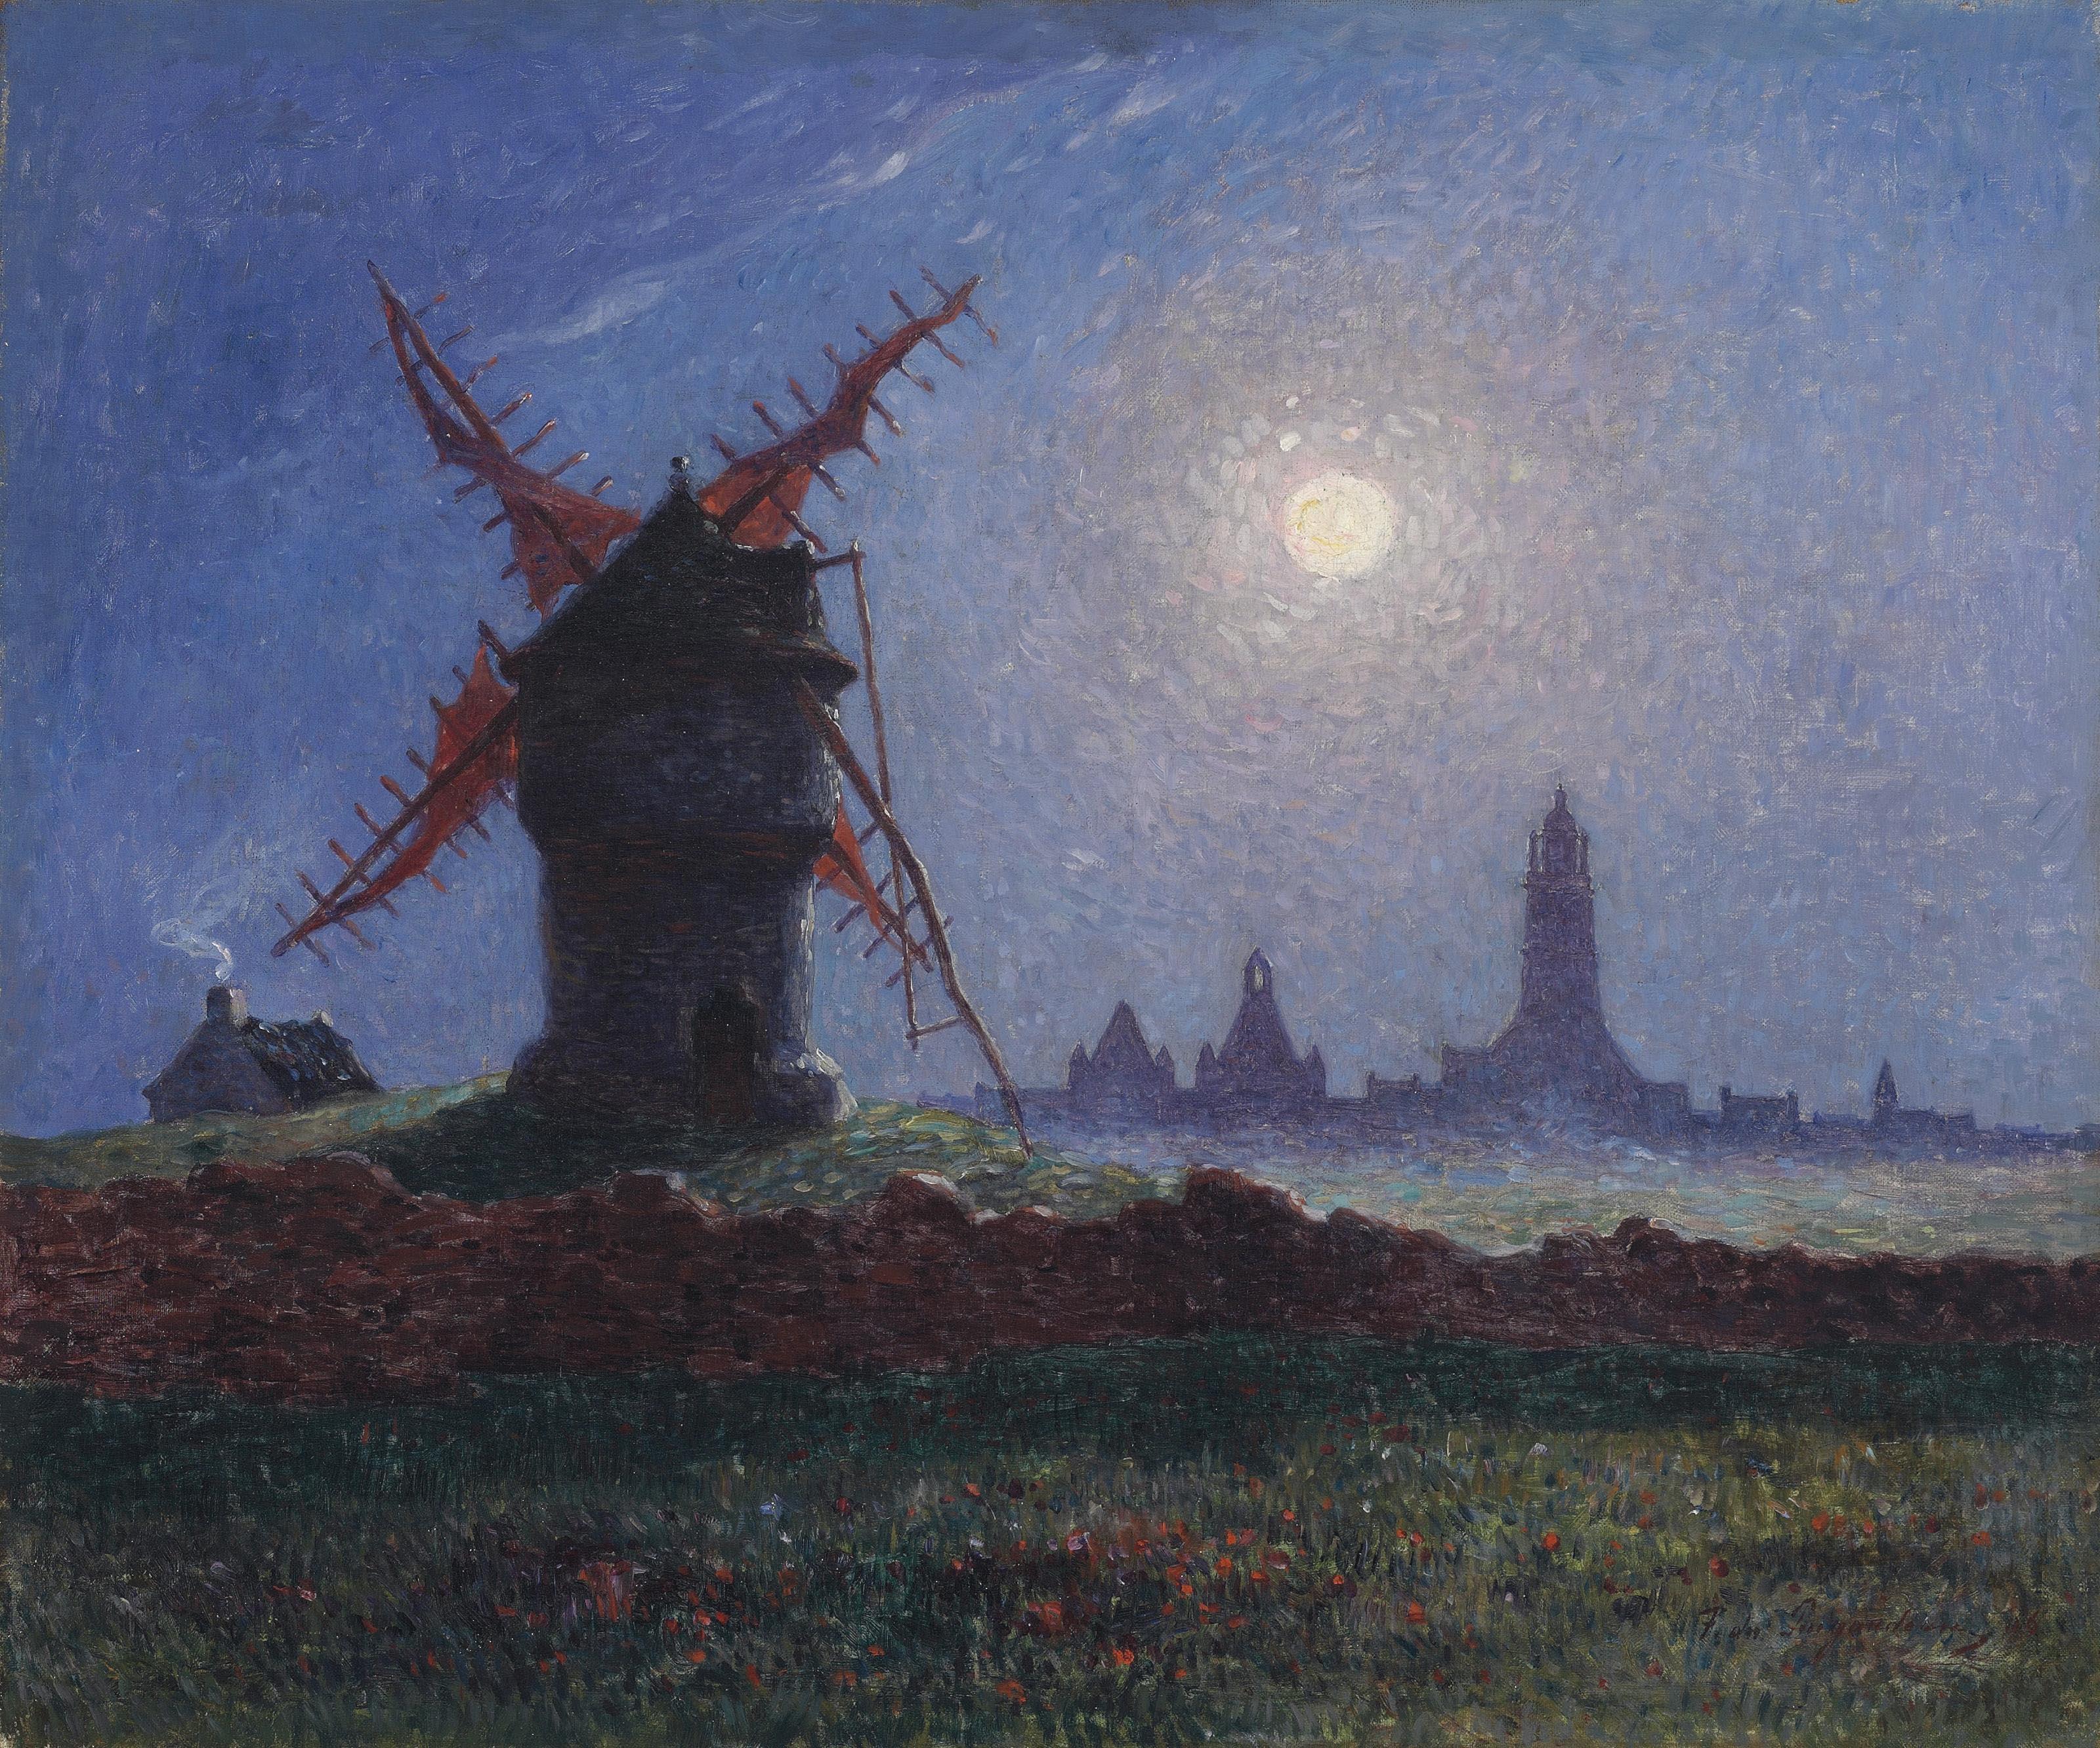 Moulin de la Masse au clair de lune (Bourg de Batz)